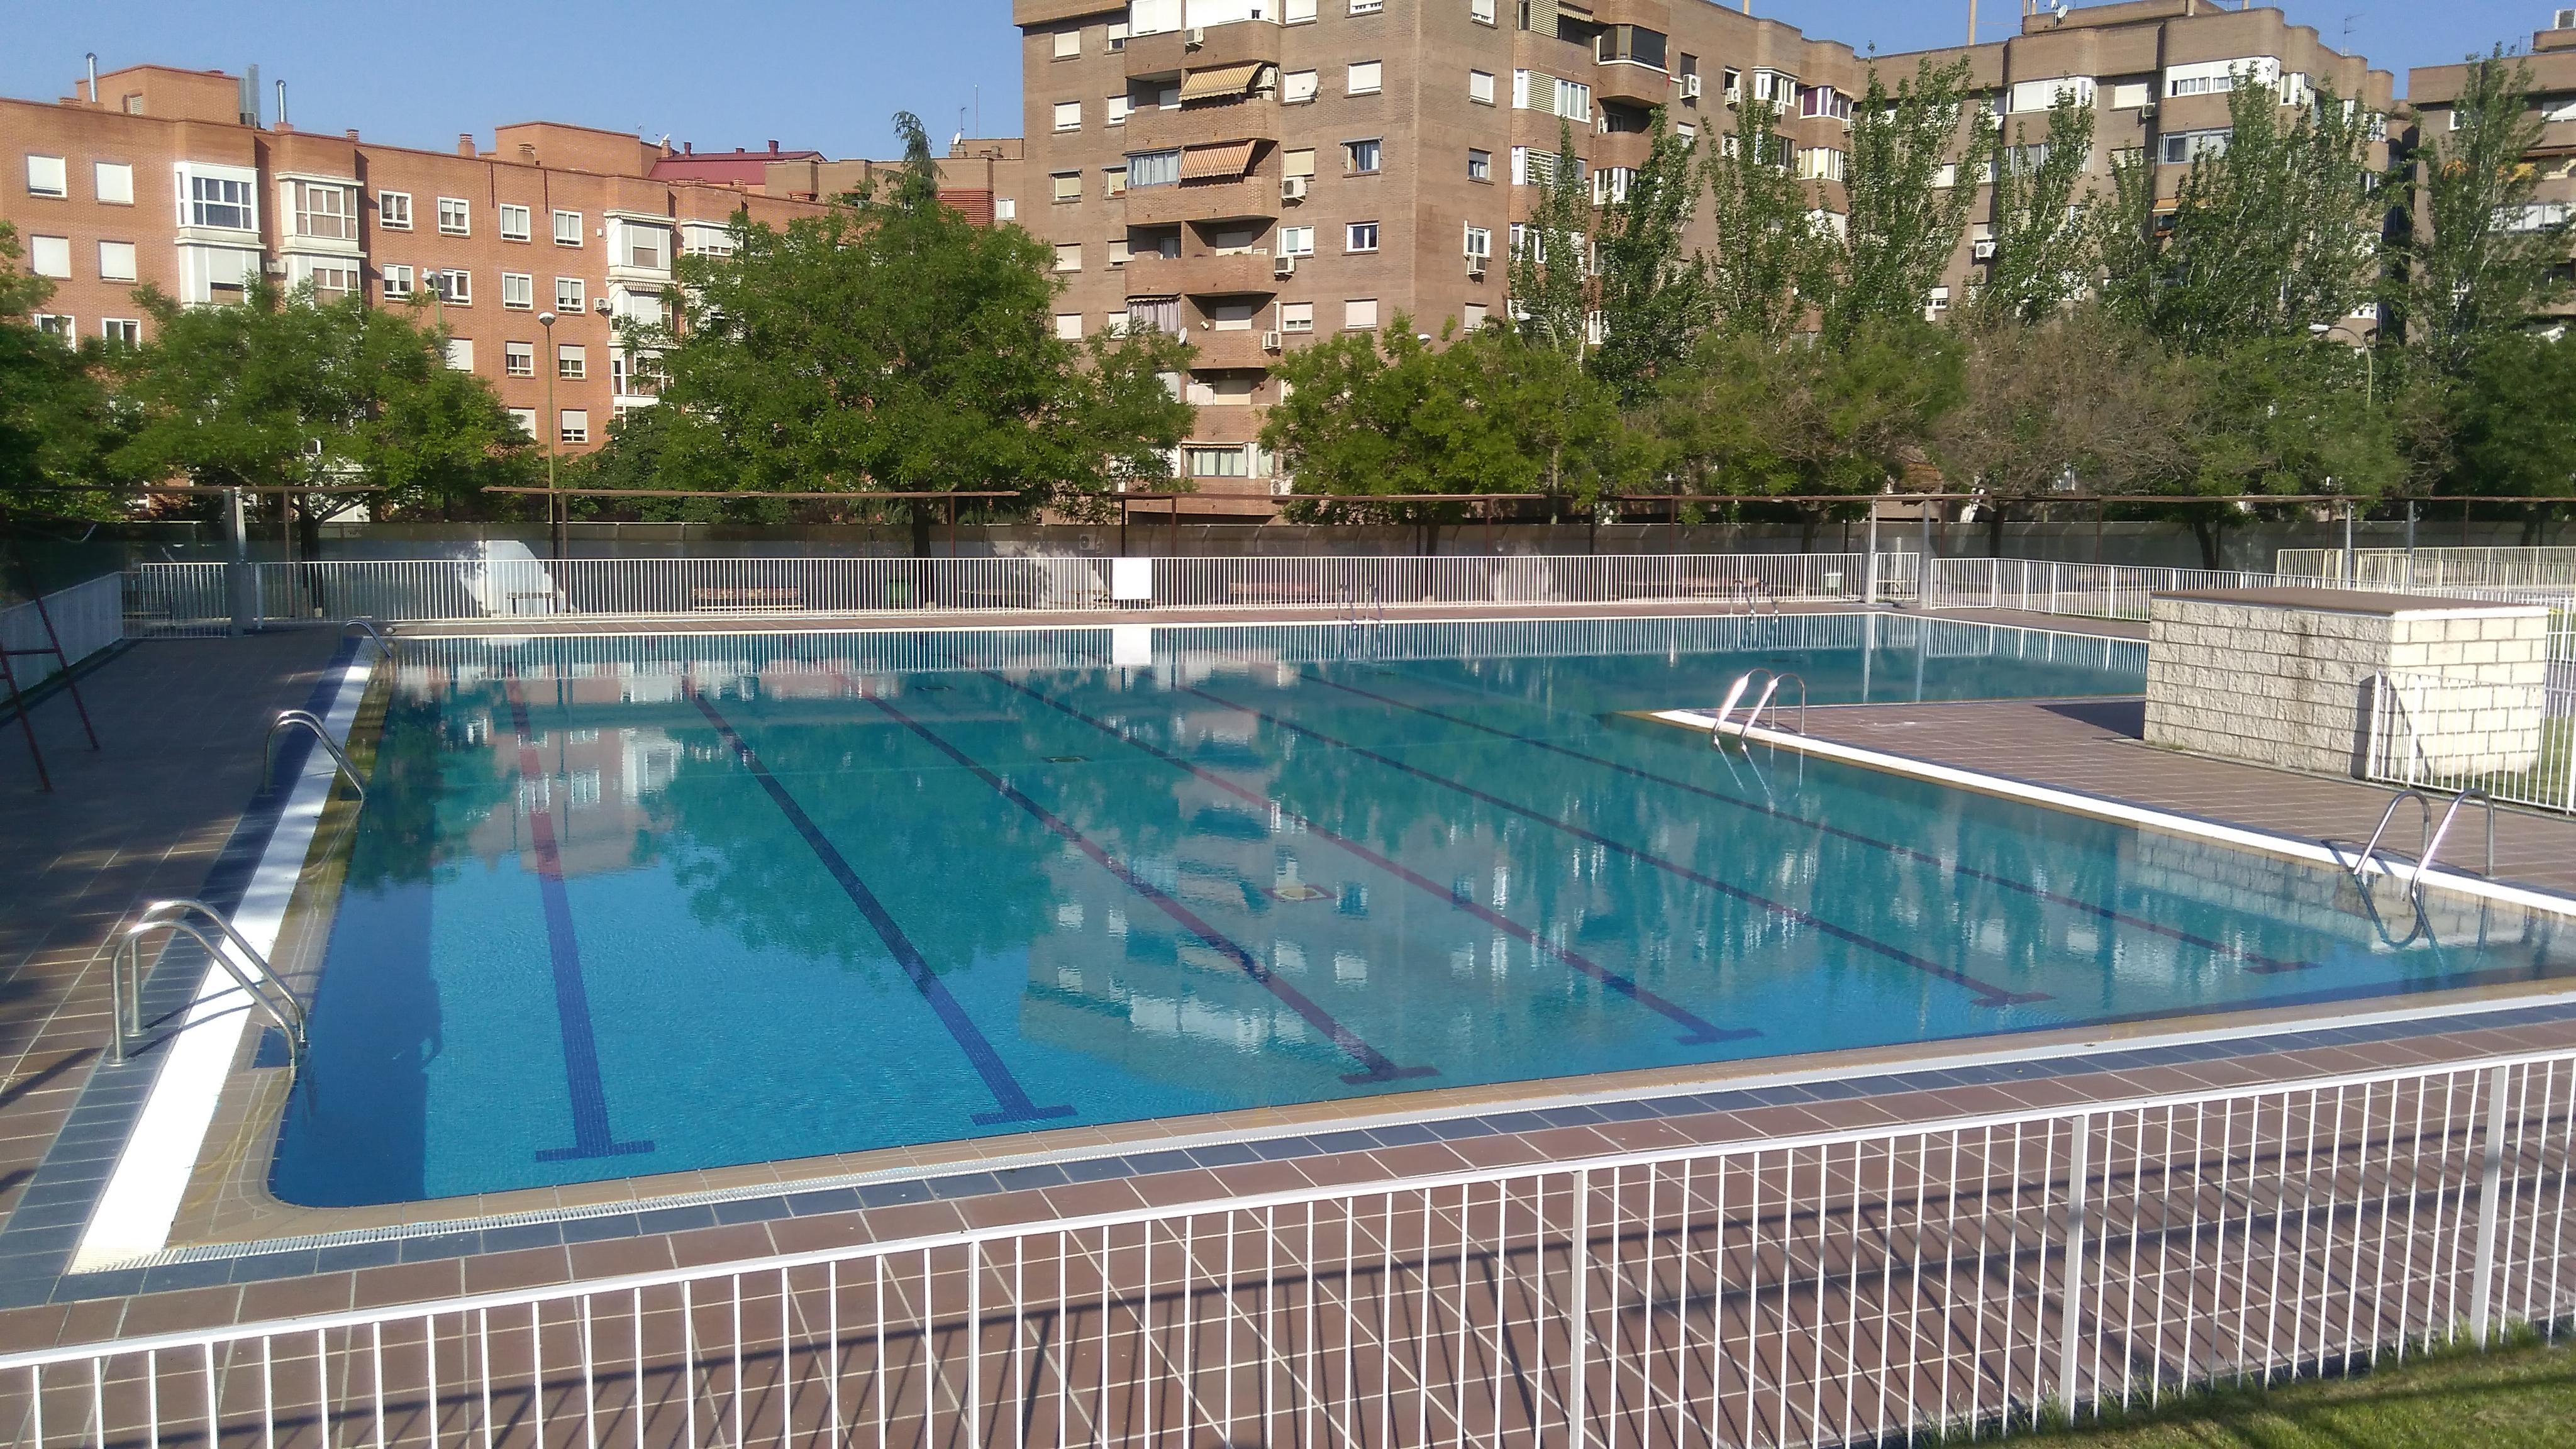 Pe uelas reabre con nuevos servicios y mejores for Precio piscina municipal madrid 2017